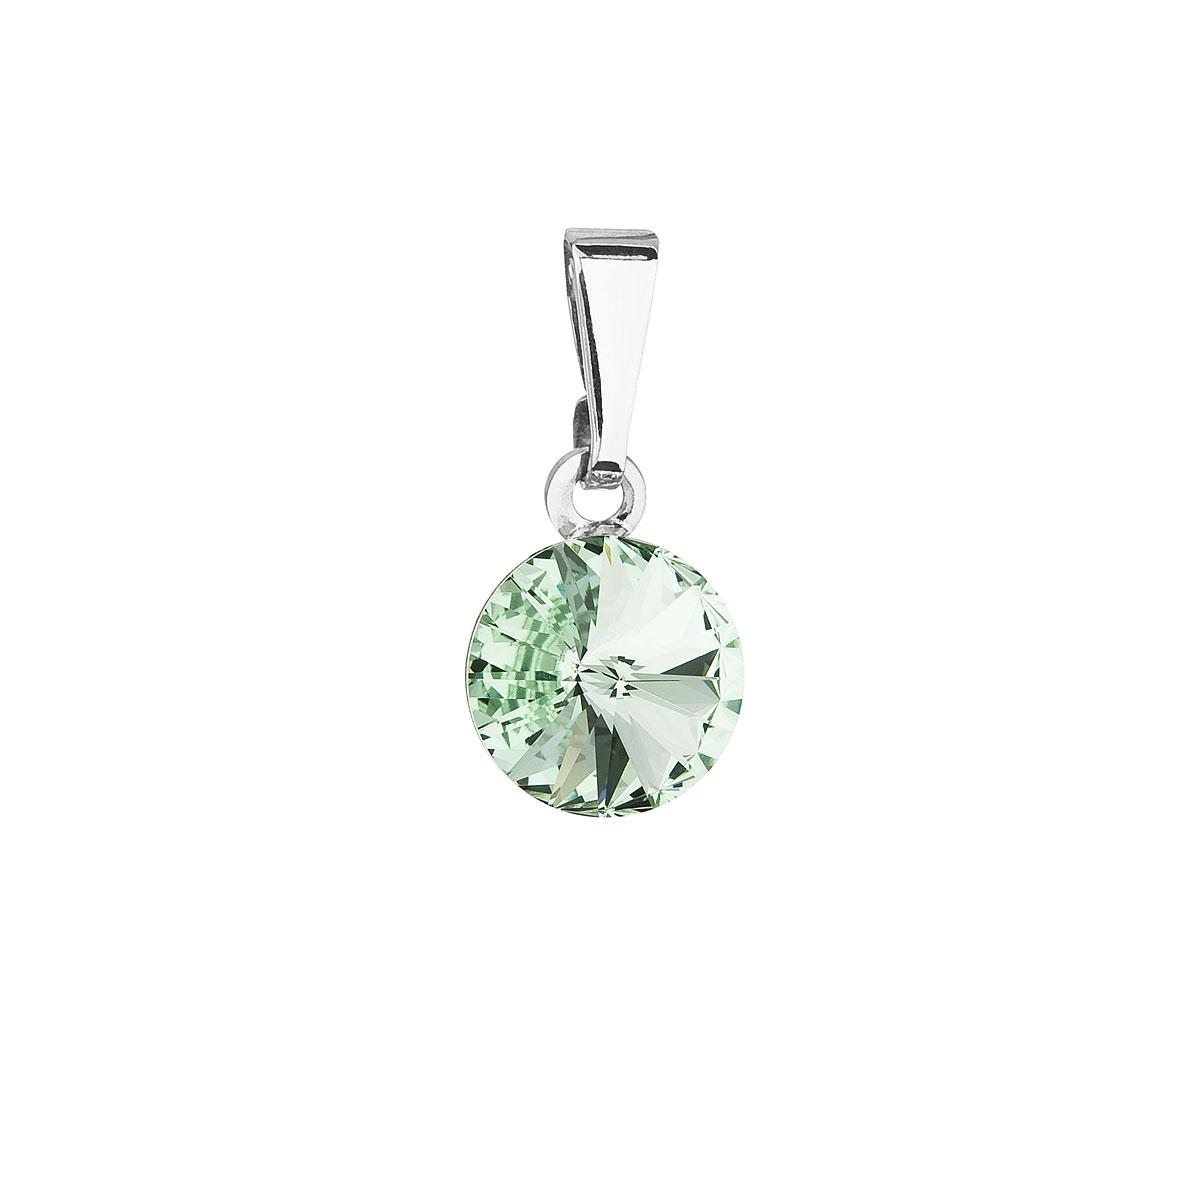 Evolution Group Přívěsek se Swarovski krystaly zelený kulatý 54018.3